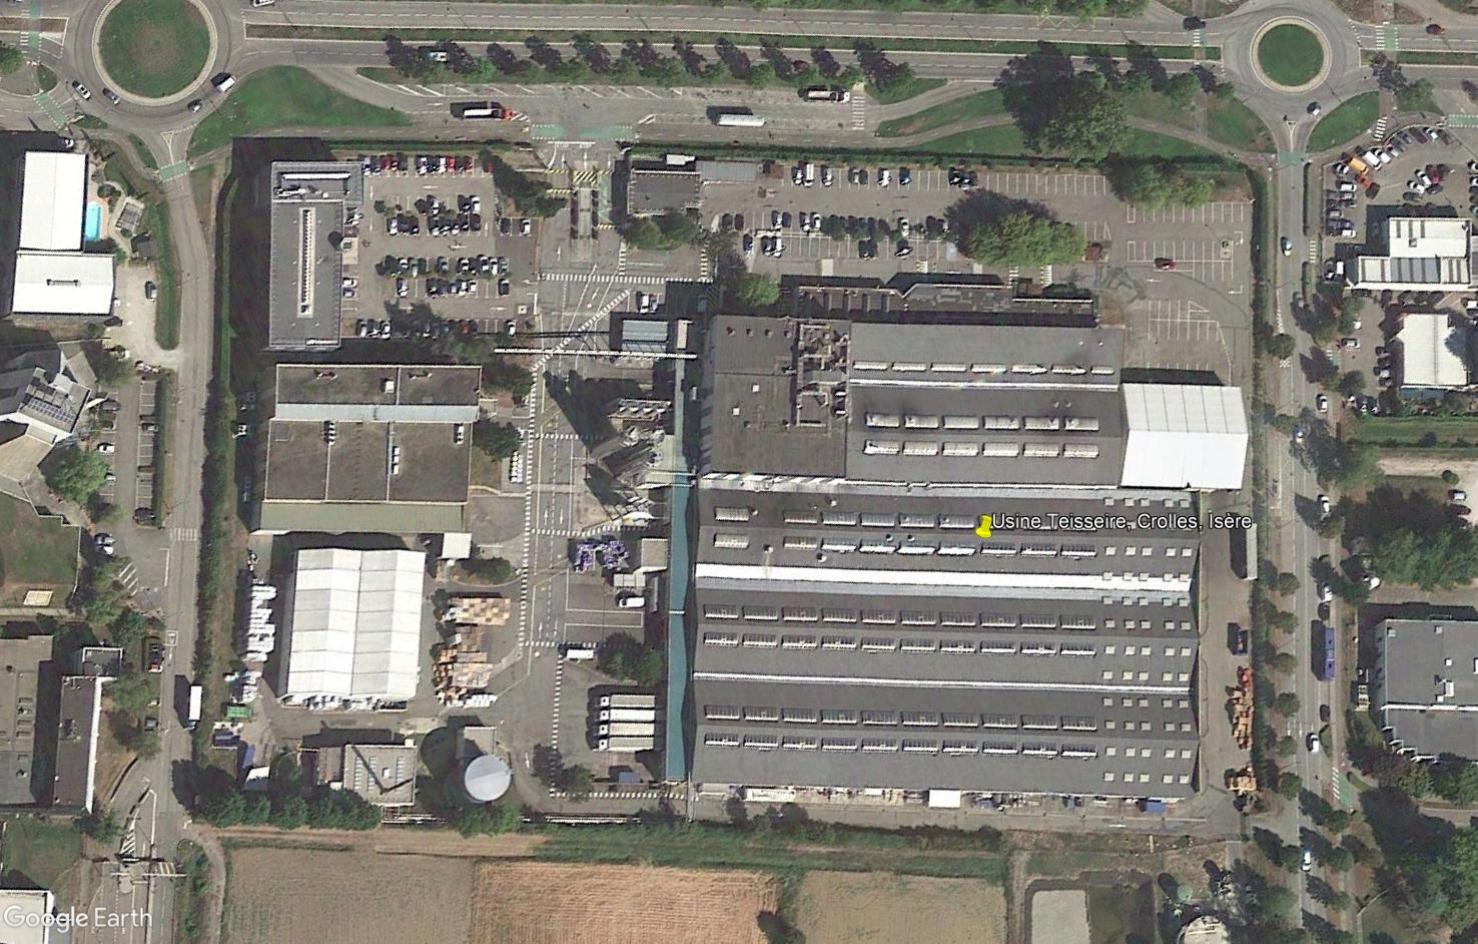 Nos marques ont aussi des usines - Page 2 Tsge1637